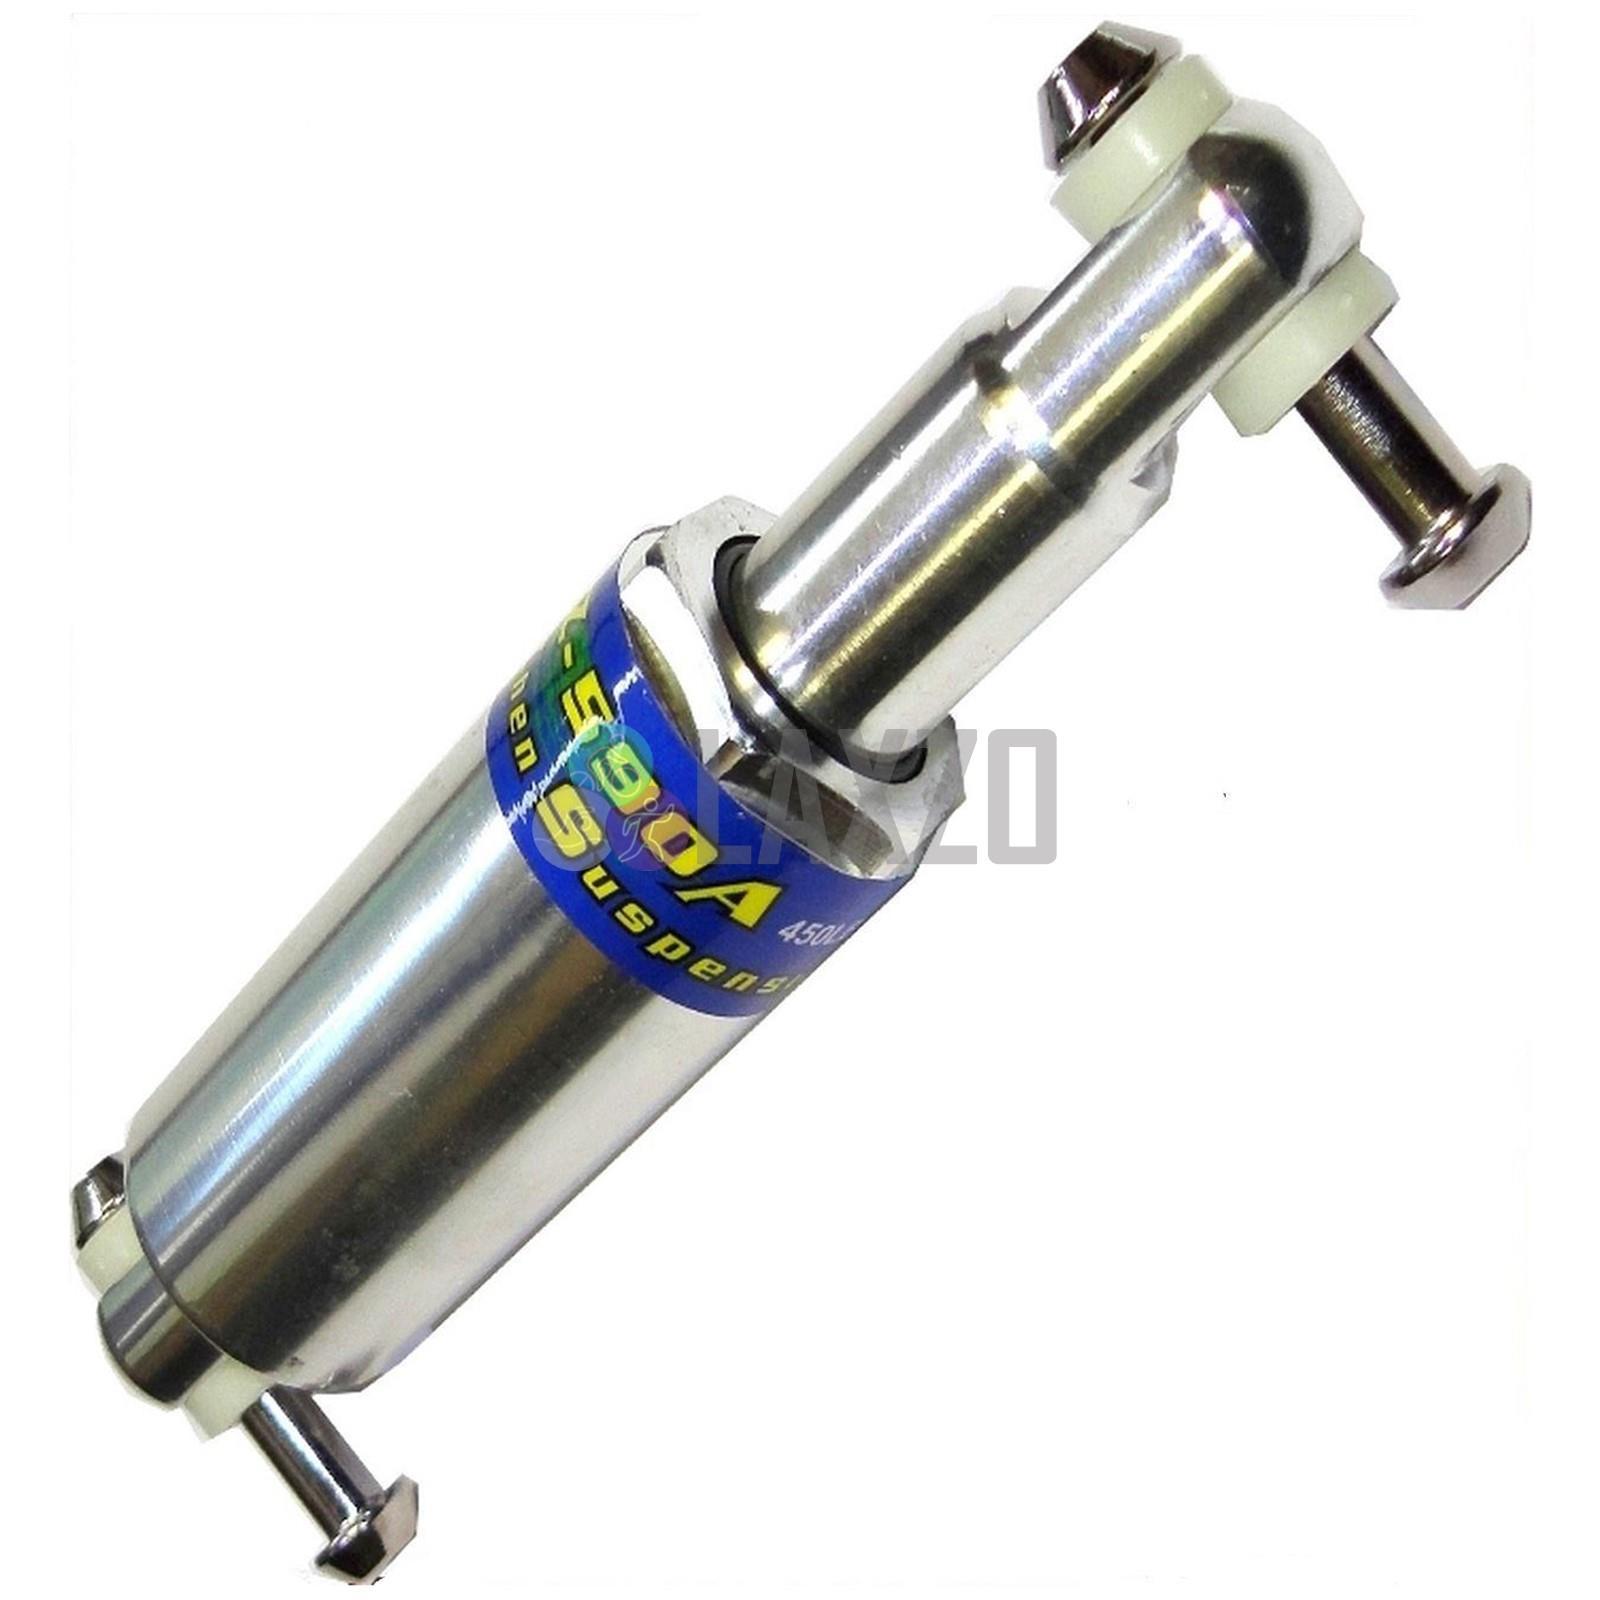 X-Fusion o2 RL Air Amortisseur 200 mm x 48 mm Air Amortisseur rear shock-Neuf